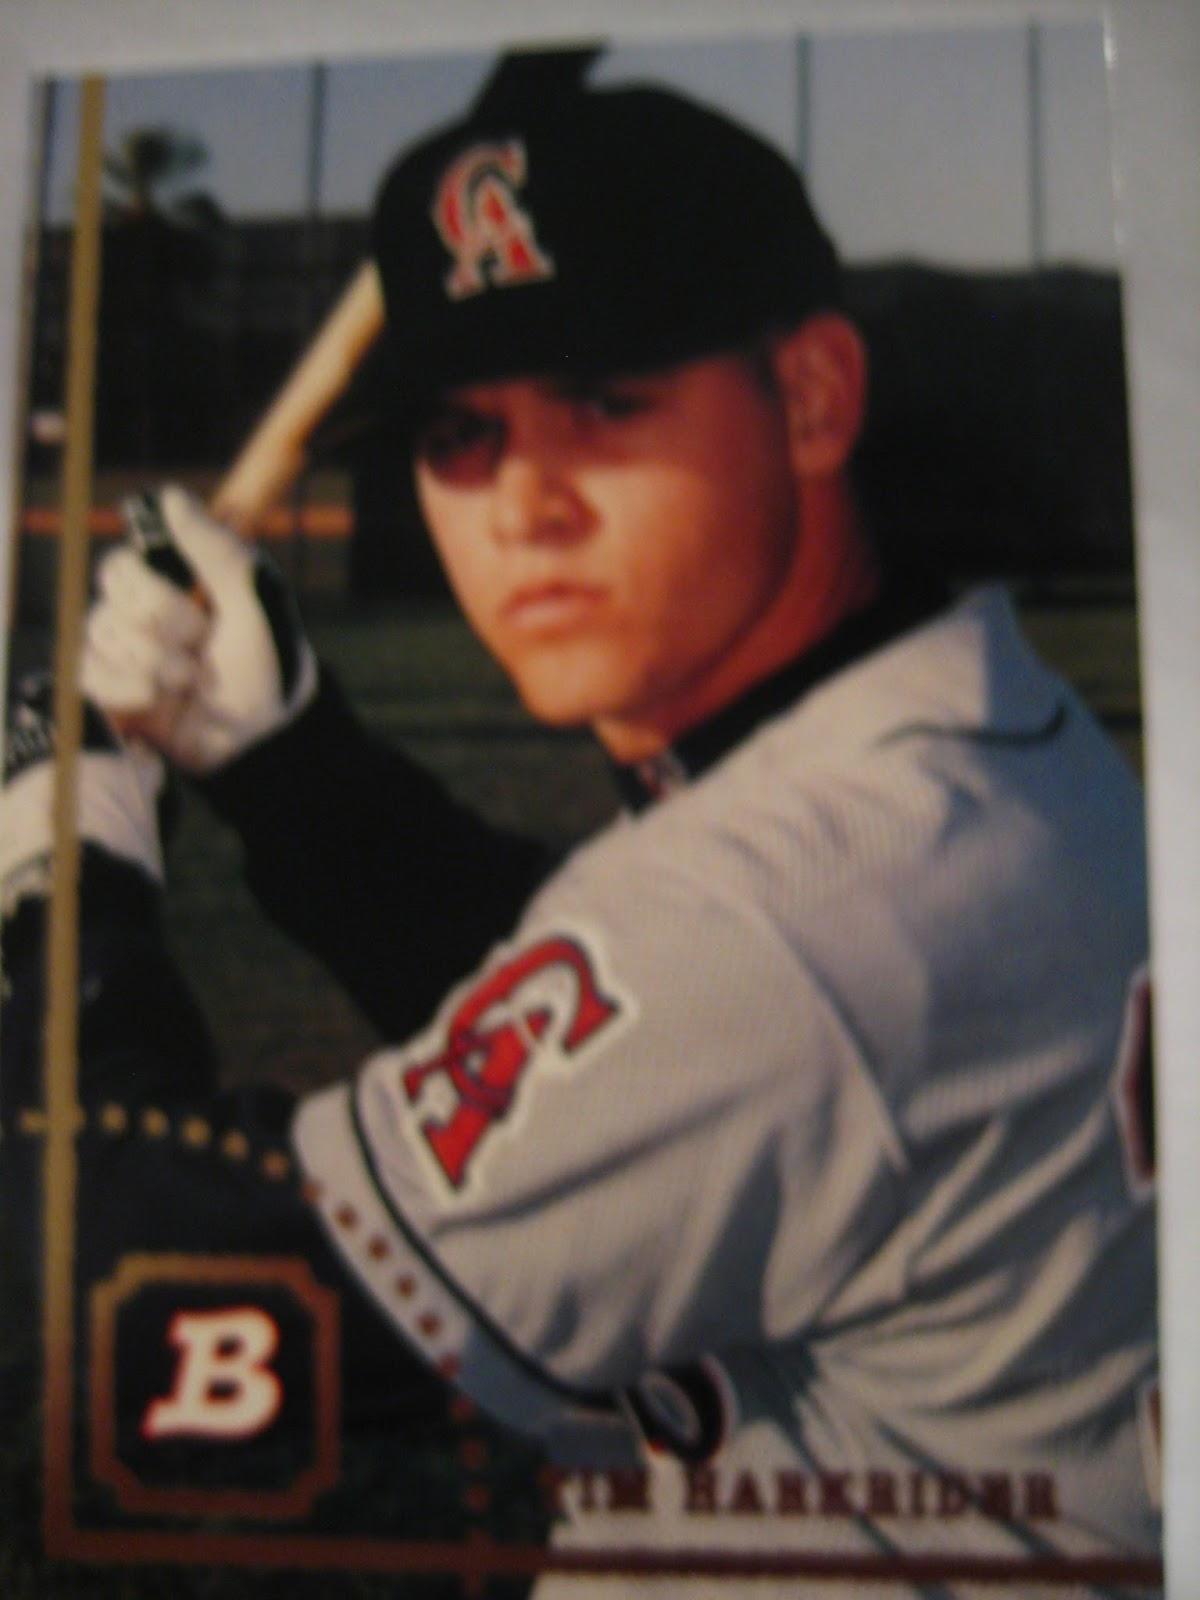 Baseball Cards Come To Life Tim Harkrider On Baseball Cards